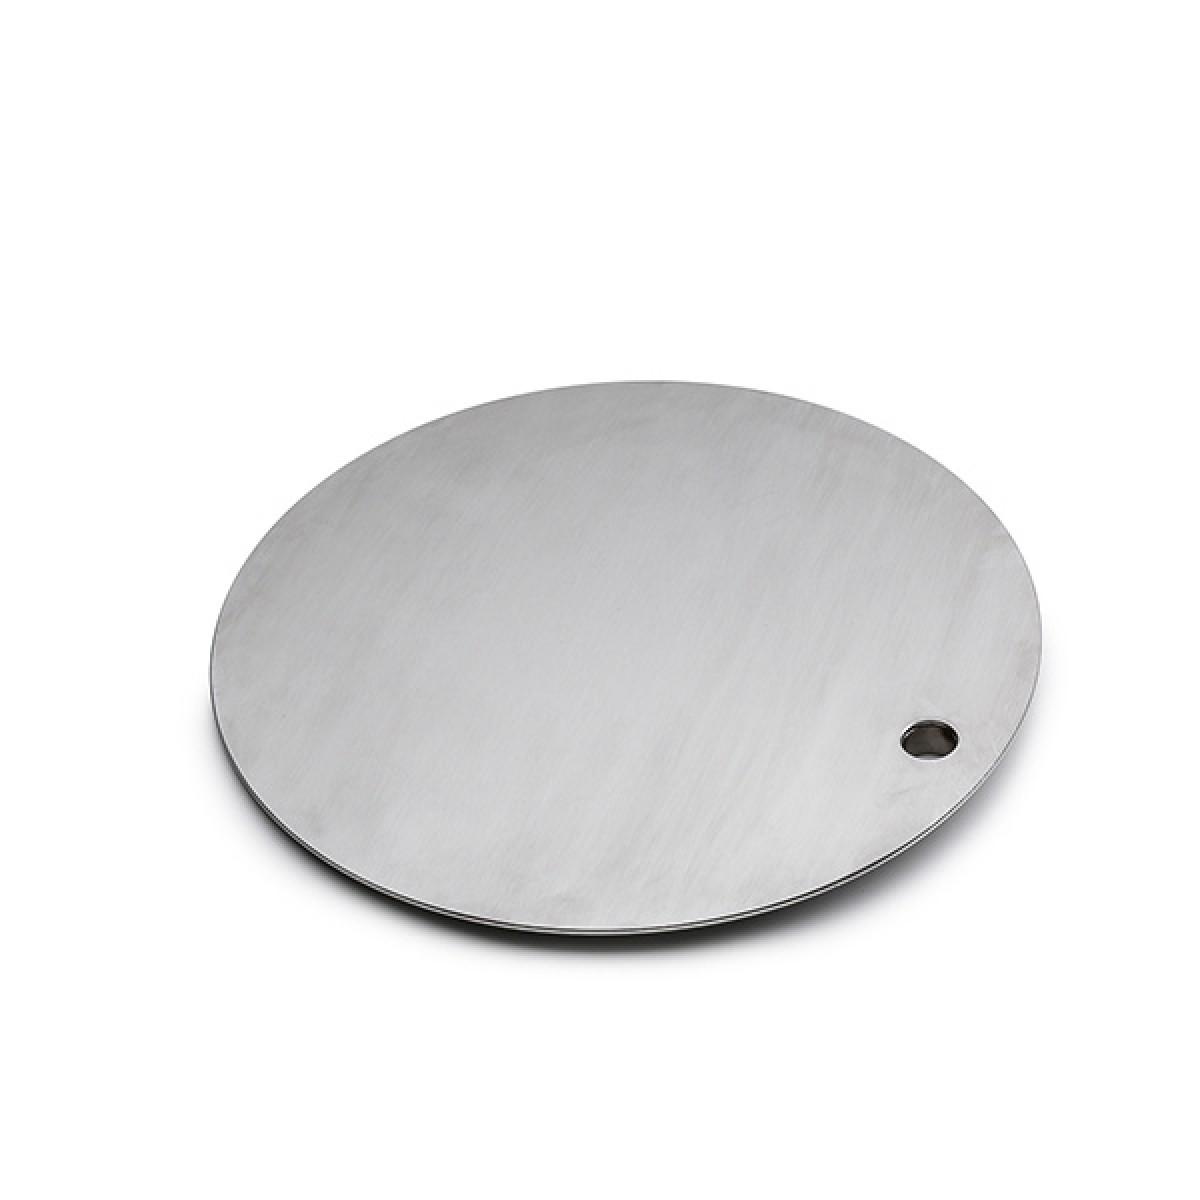 TRIPLE Table | Tisch optionales Zubehör für TRIPLE Fire Bowl | Feuerschale von höfats